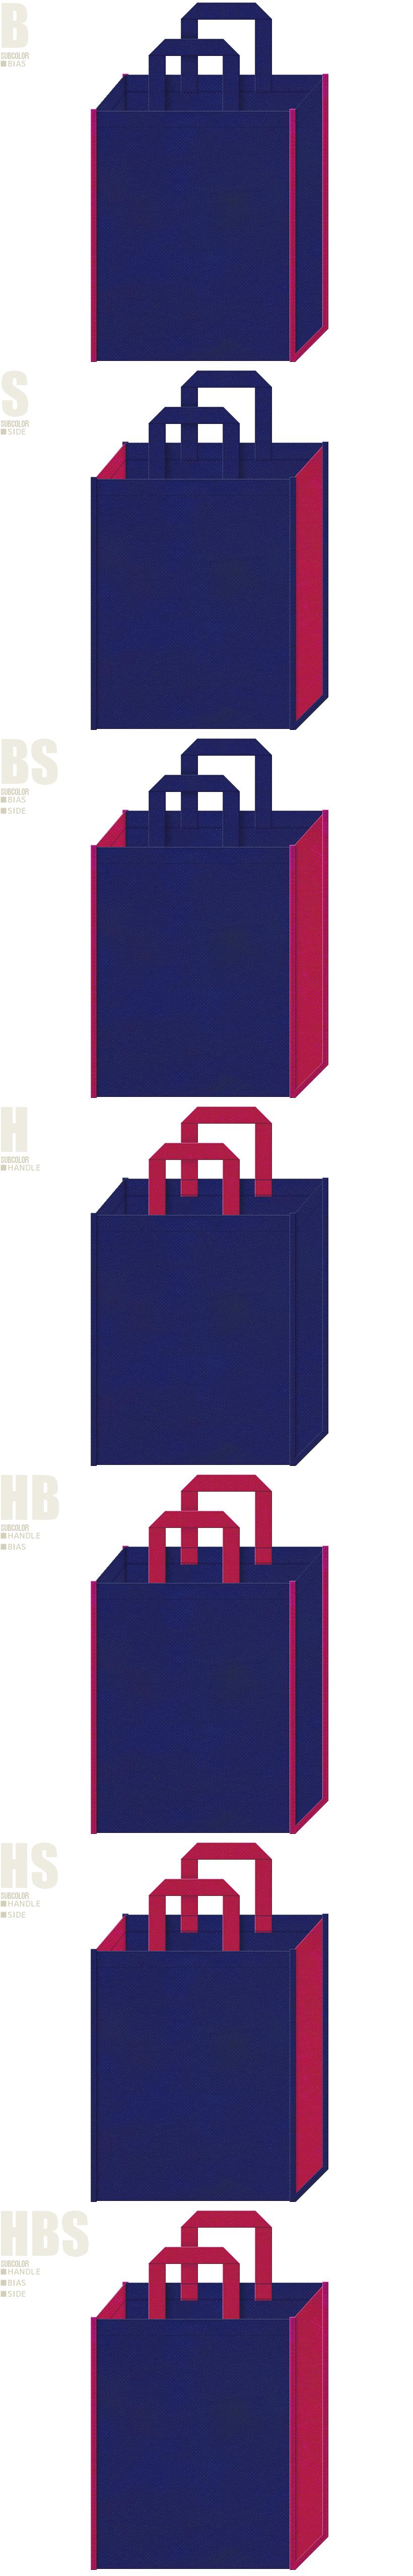 夏祭り・夏浴衣・法被・スポーツイベント・サマーイベントにお奨めの不織布バッグデザイン:明るい紺色と濃いピンク色の配色7パターン